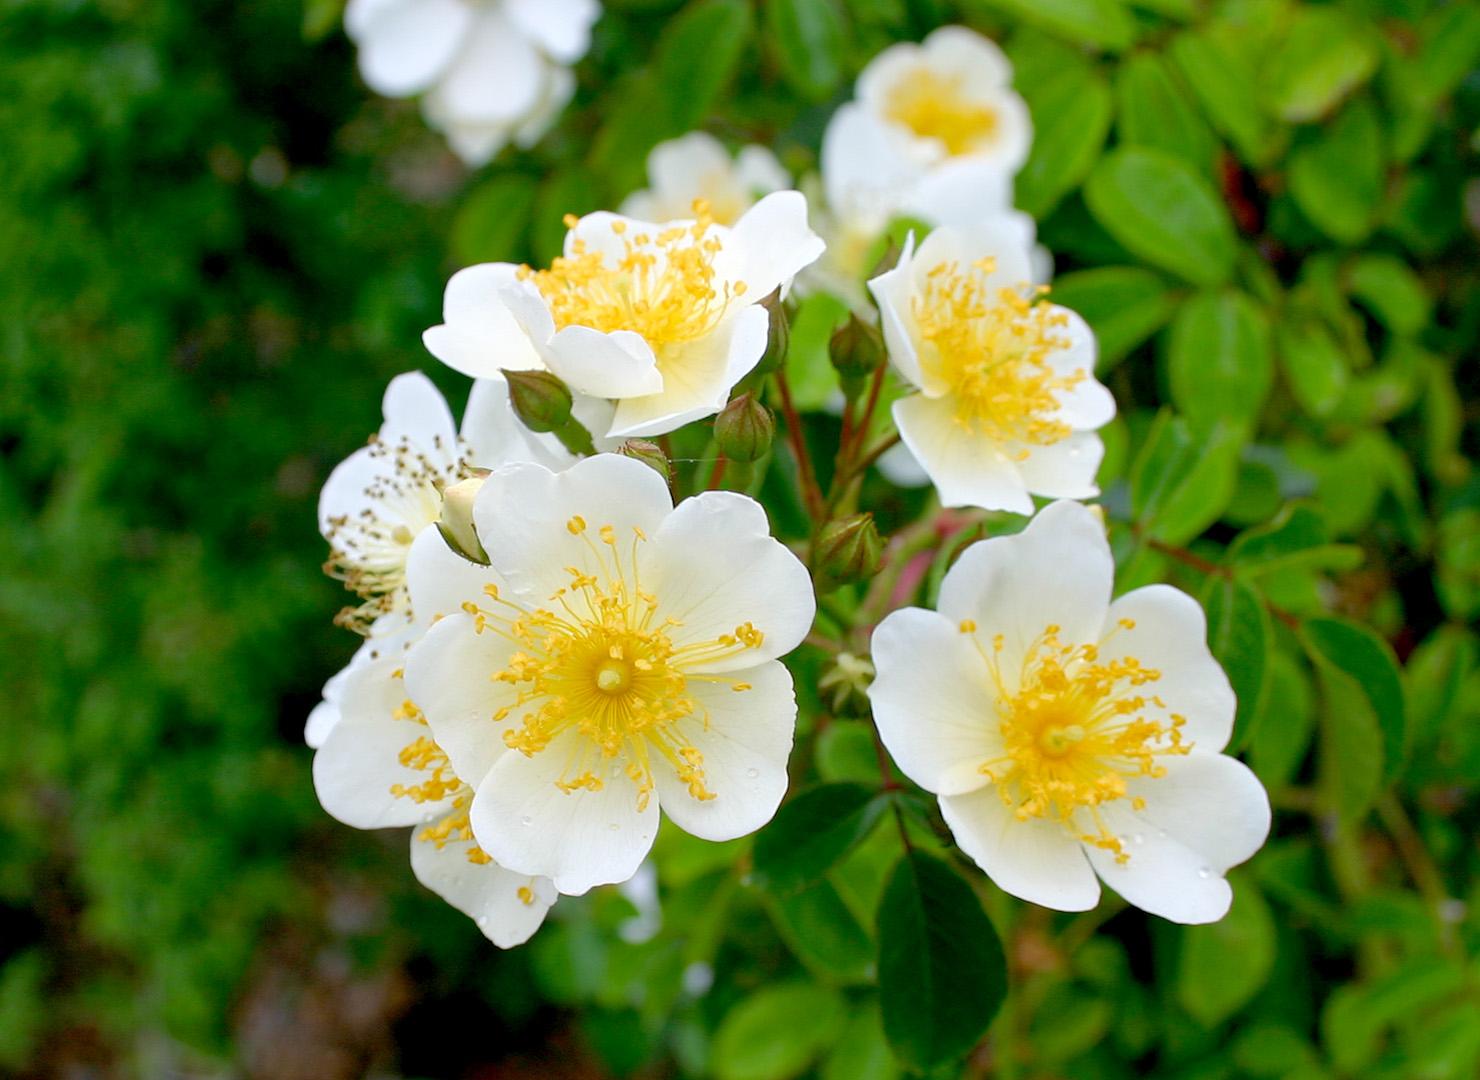 ロサ ヘレナ - Rosa helenae